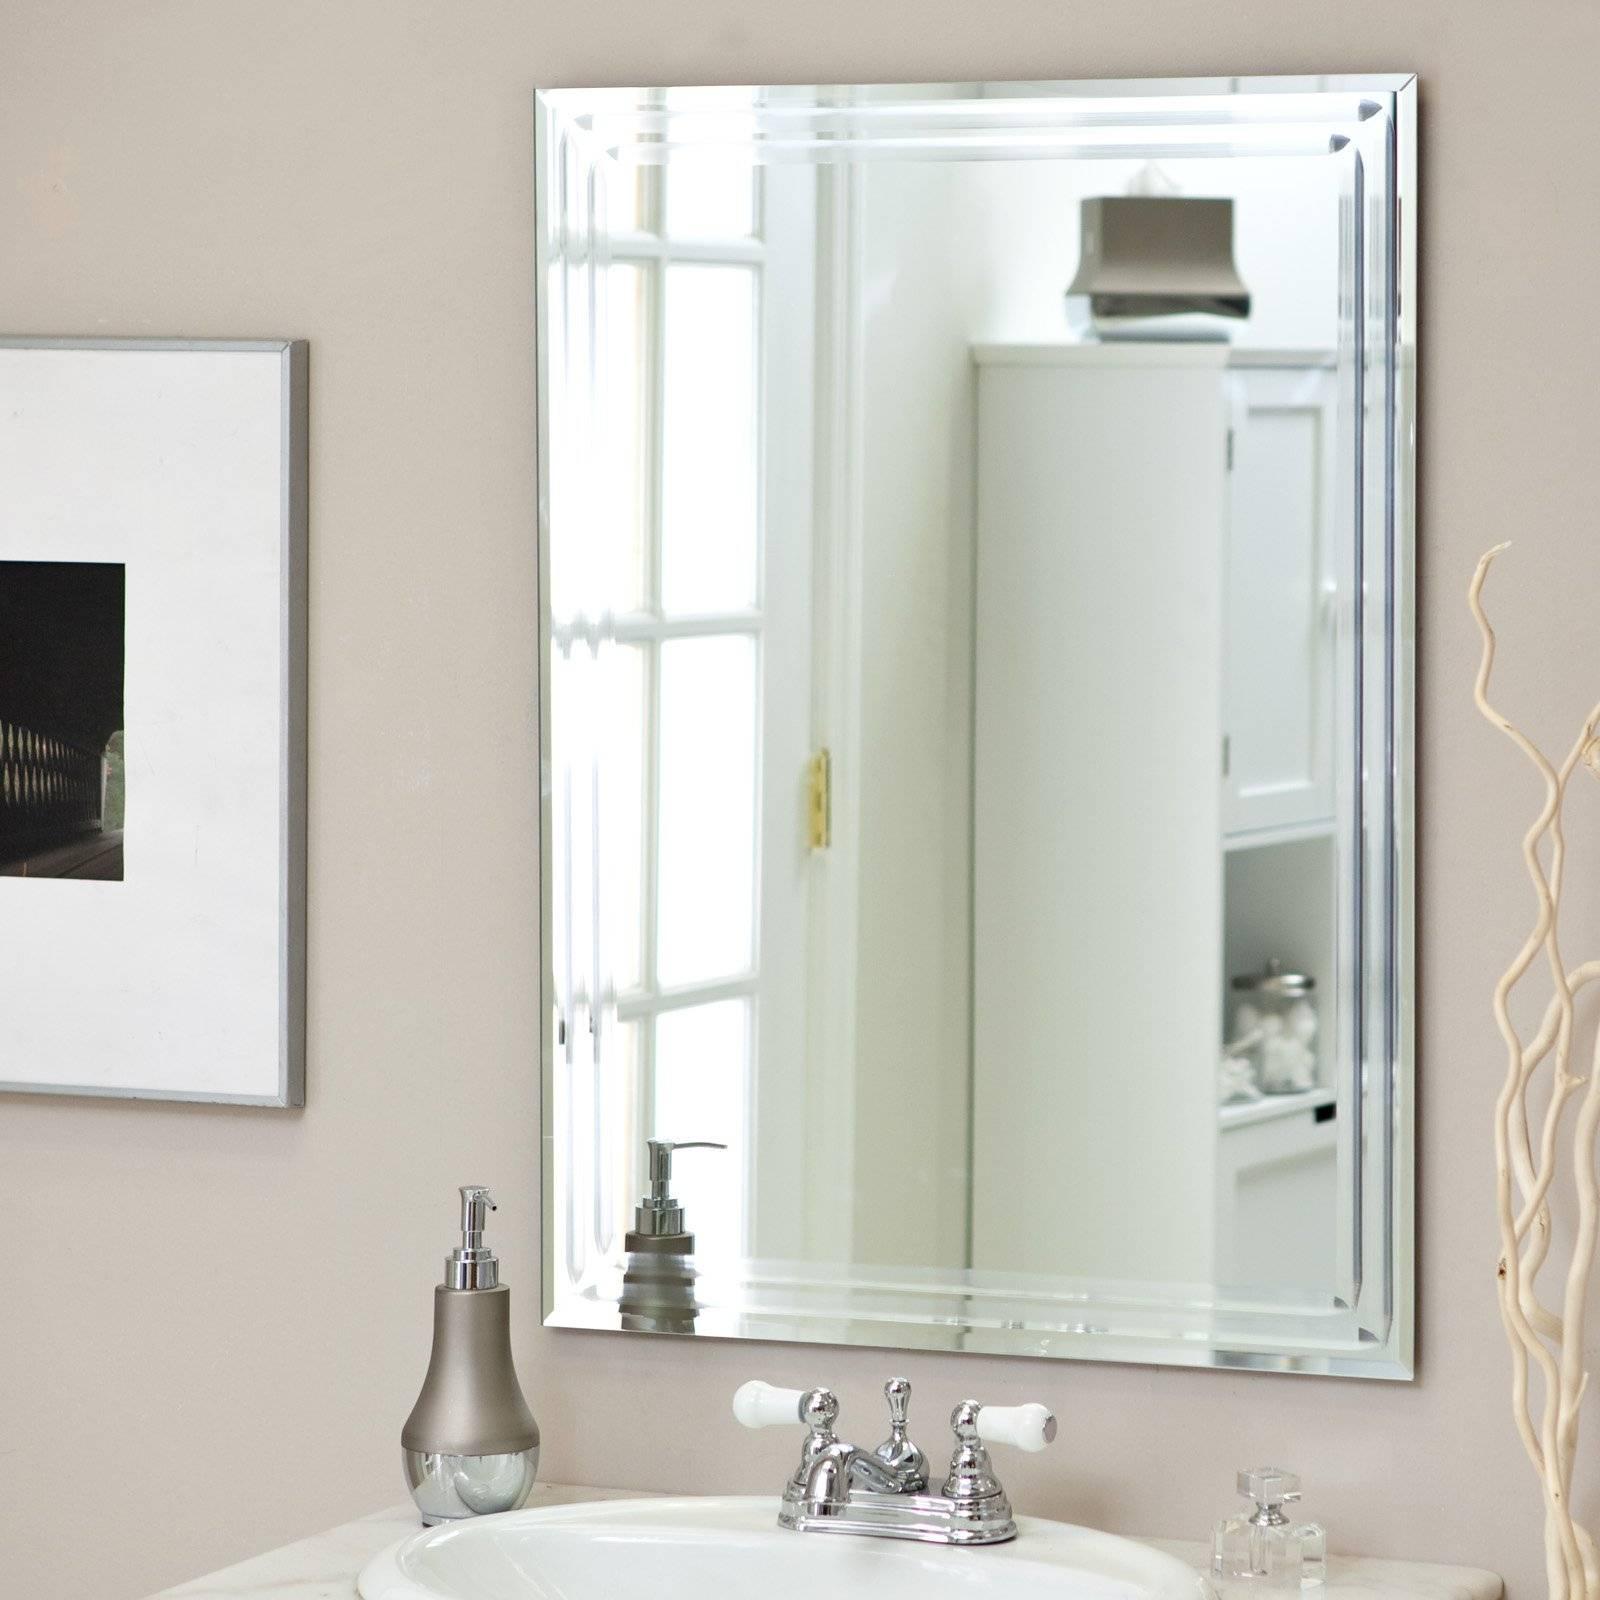 Décor Wonderland Frameless Tri Bevel Wall Mirror - 23.5W X throughout Frameless Wall Mirrors (Image 5 of 15)